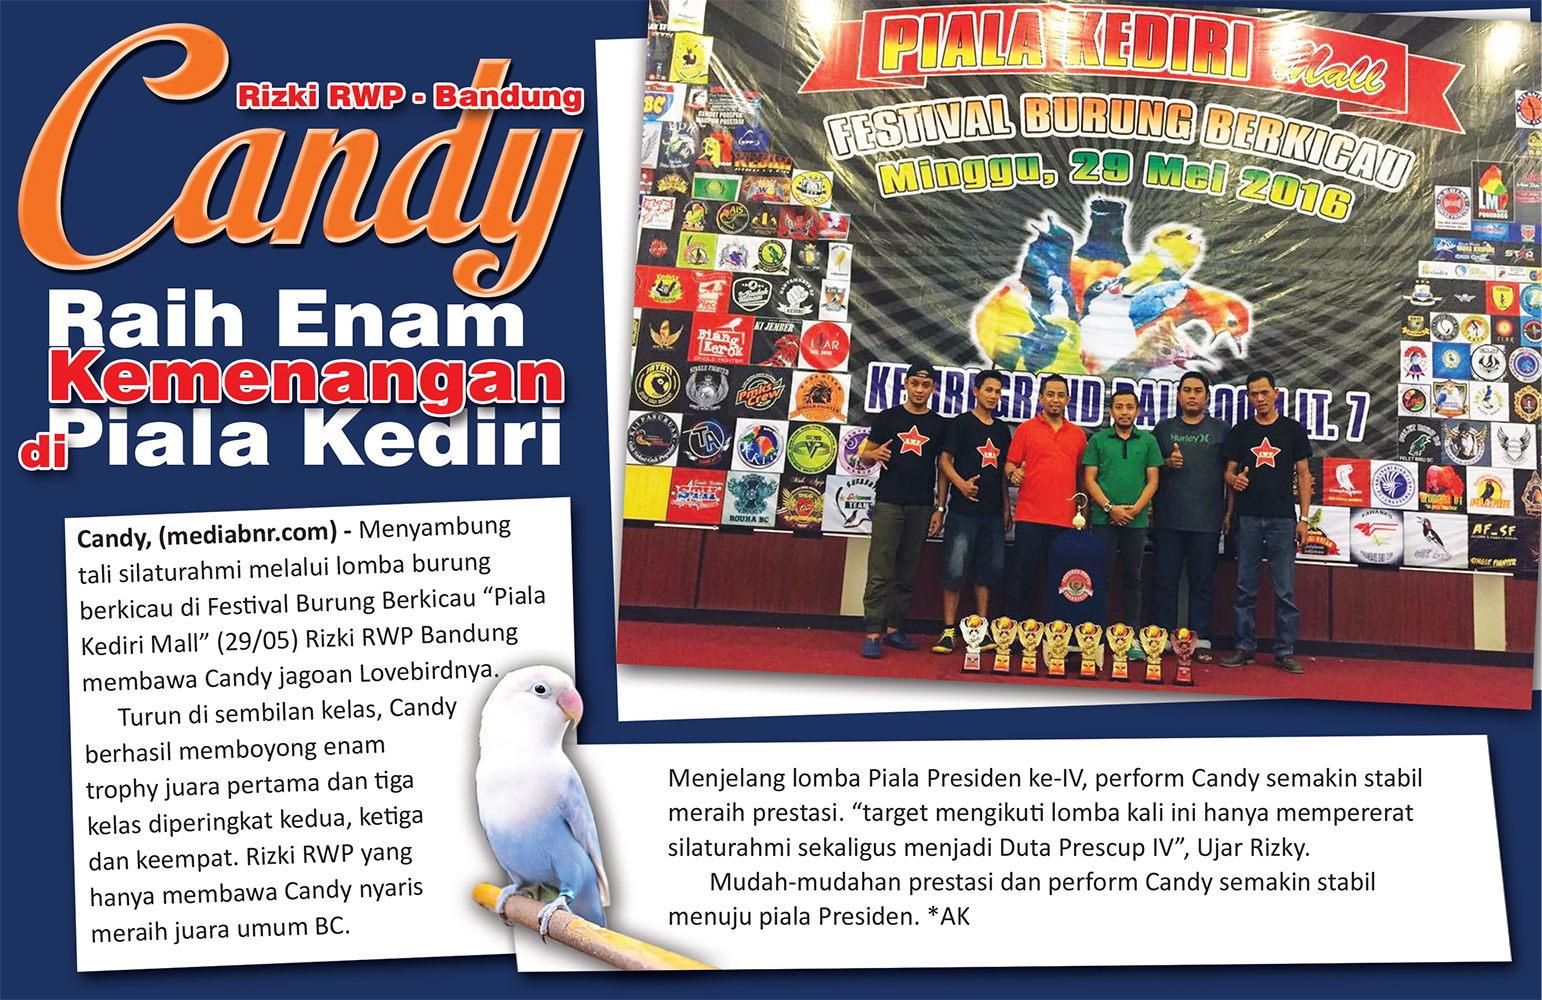 Rizky RWP Bandung : Candy Raih Enam Kemenangan di Piala Kediri